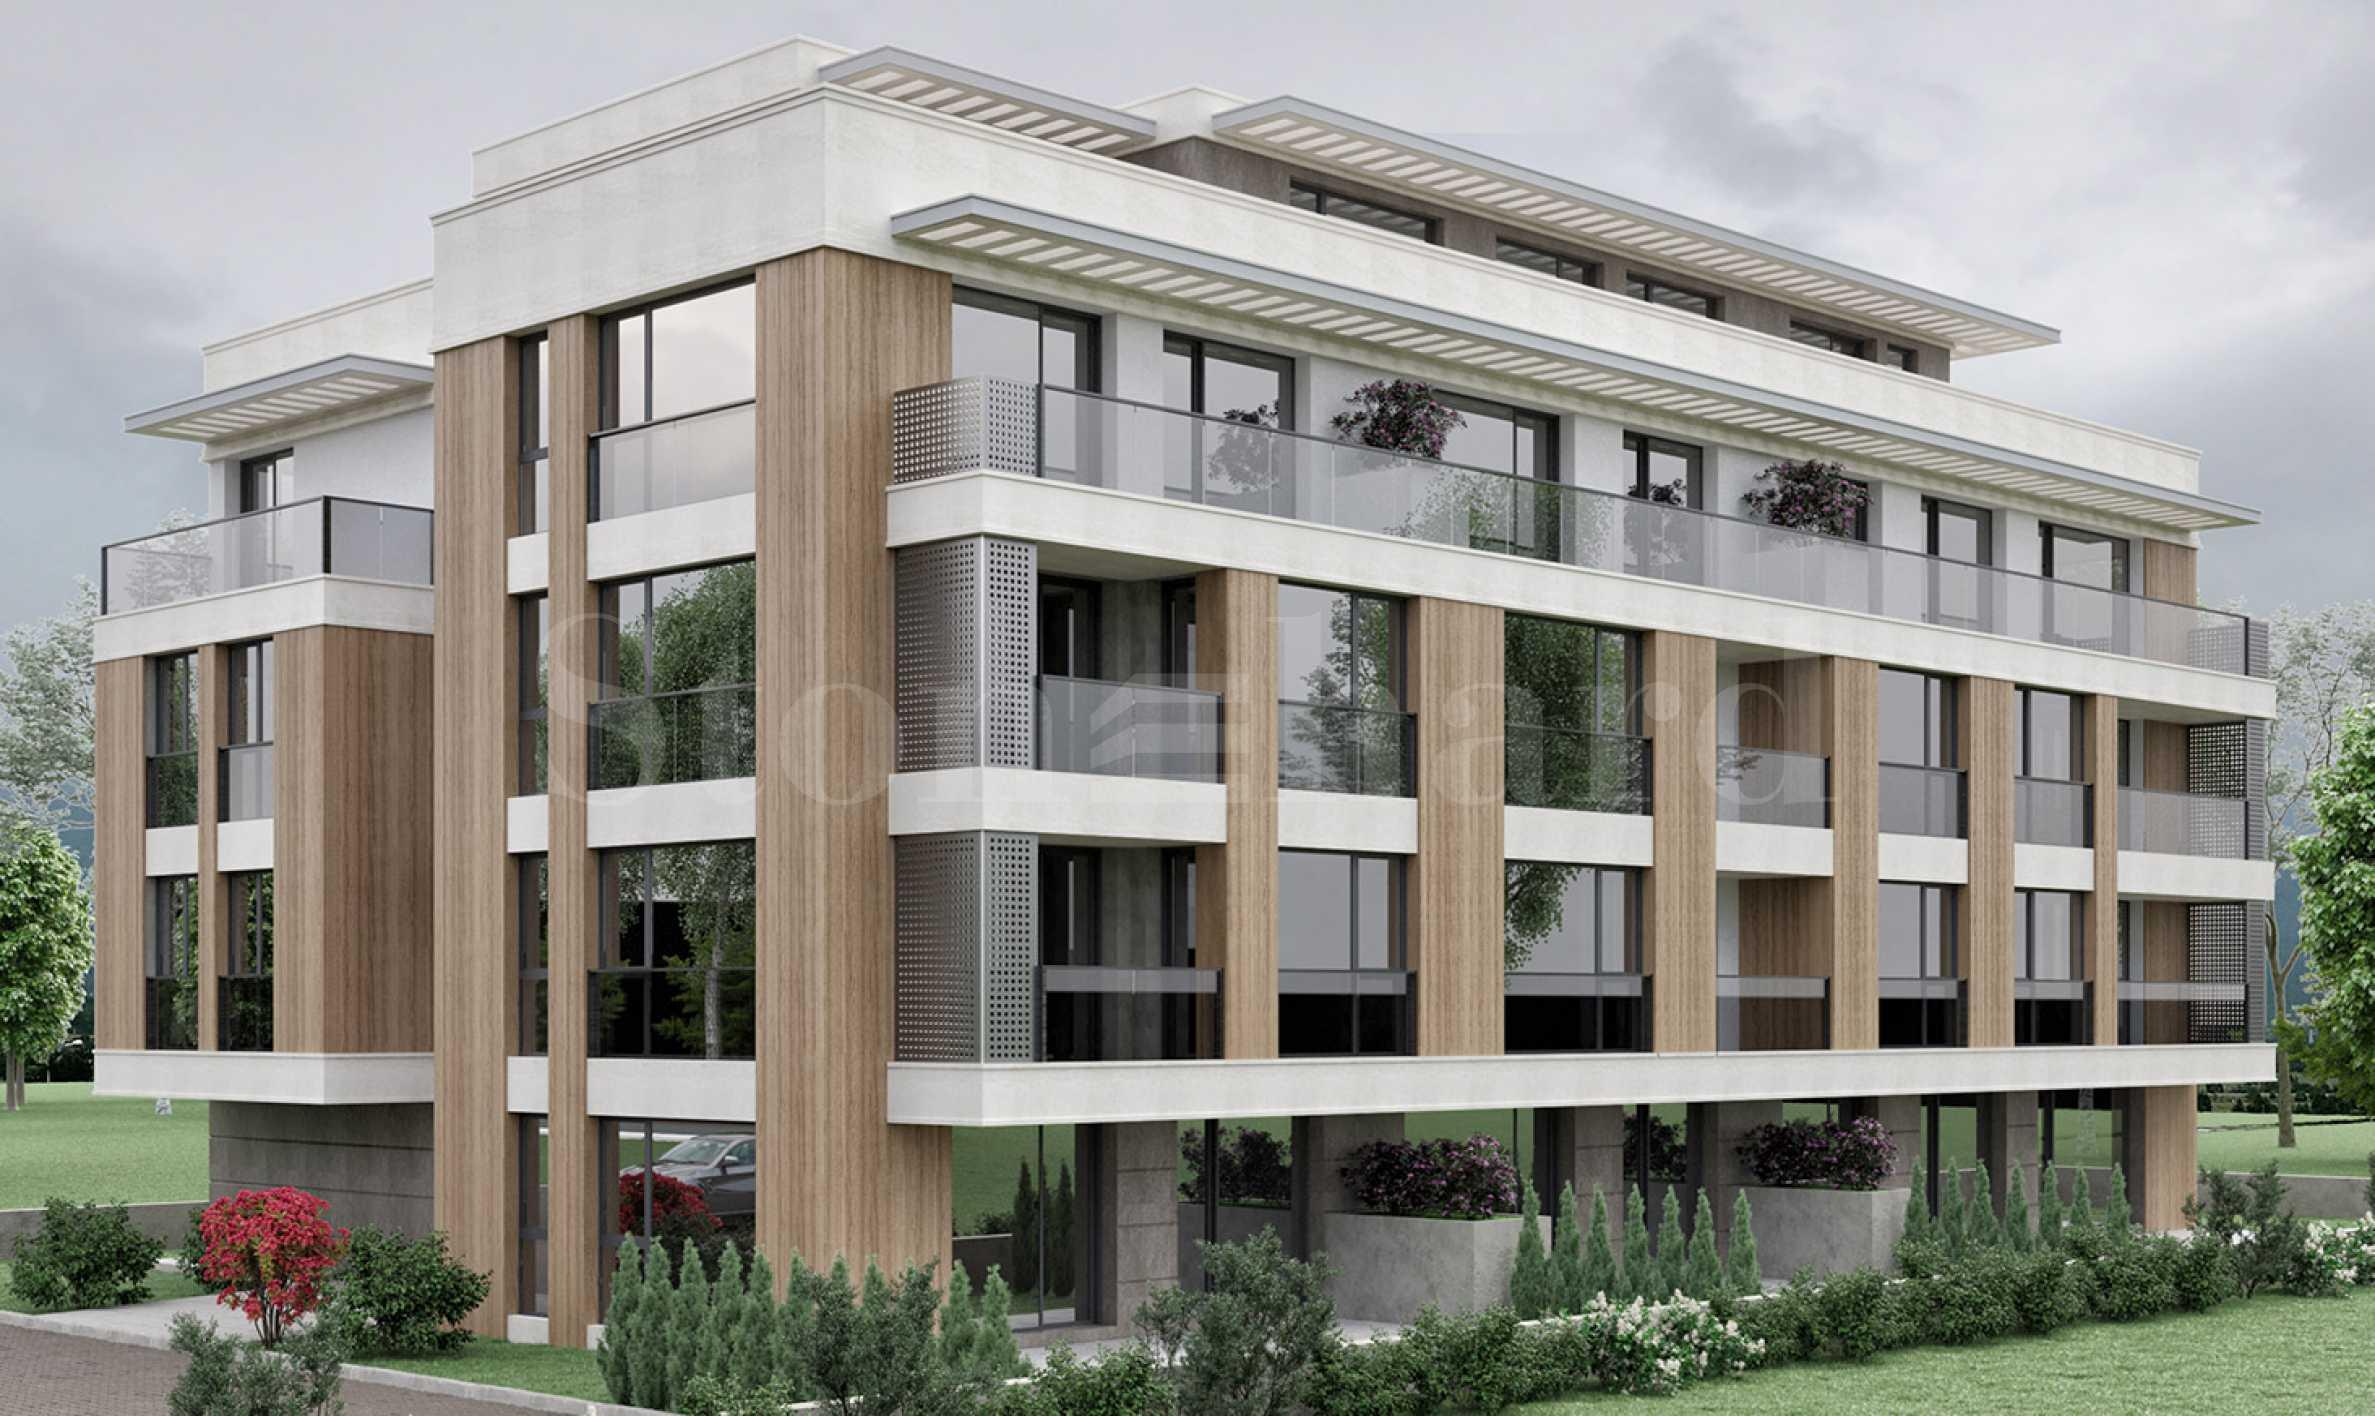 Нов бутиков жилищен комплекс в района на Гребната база1 - Stonehard